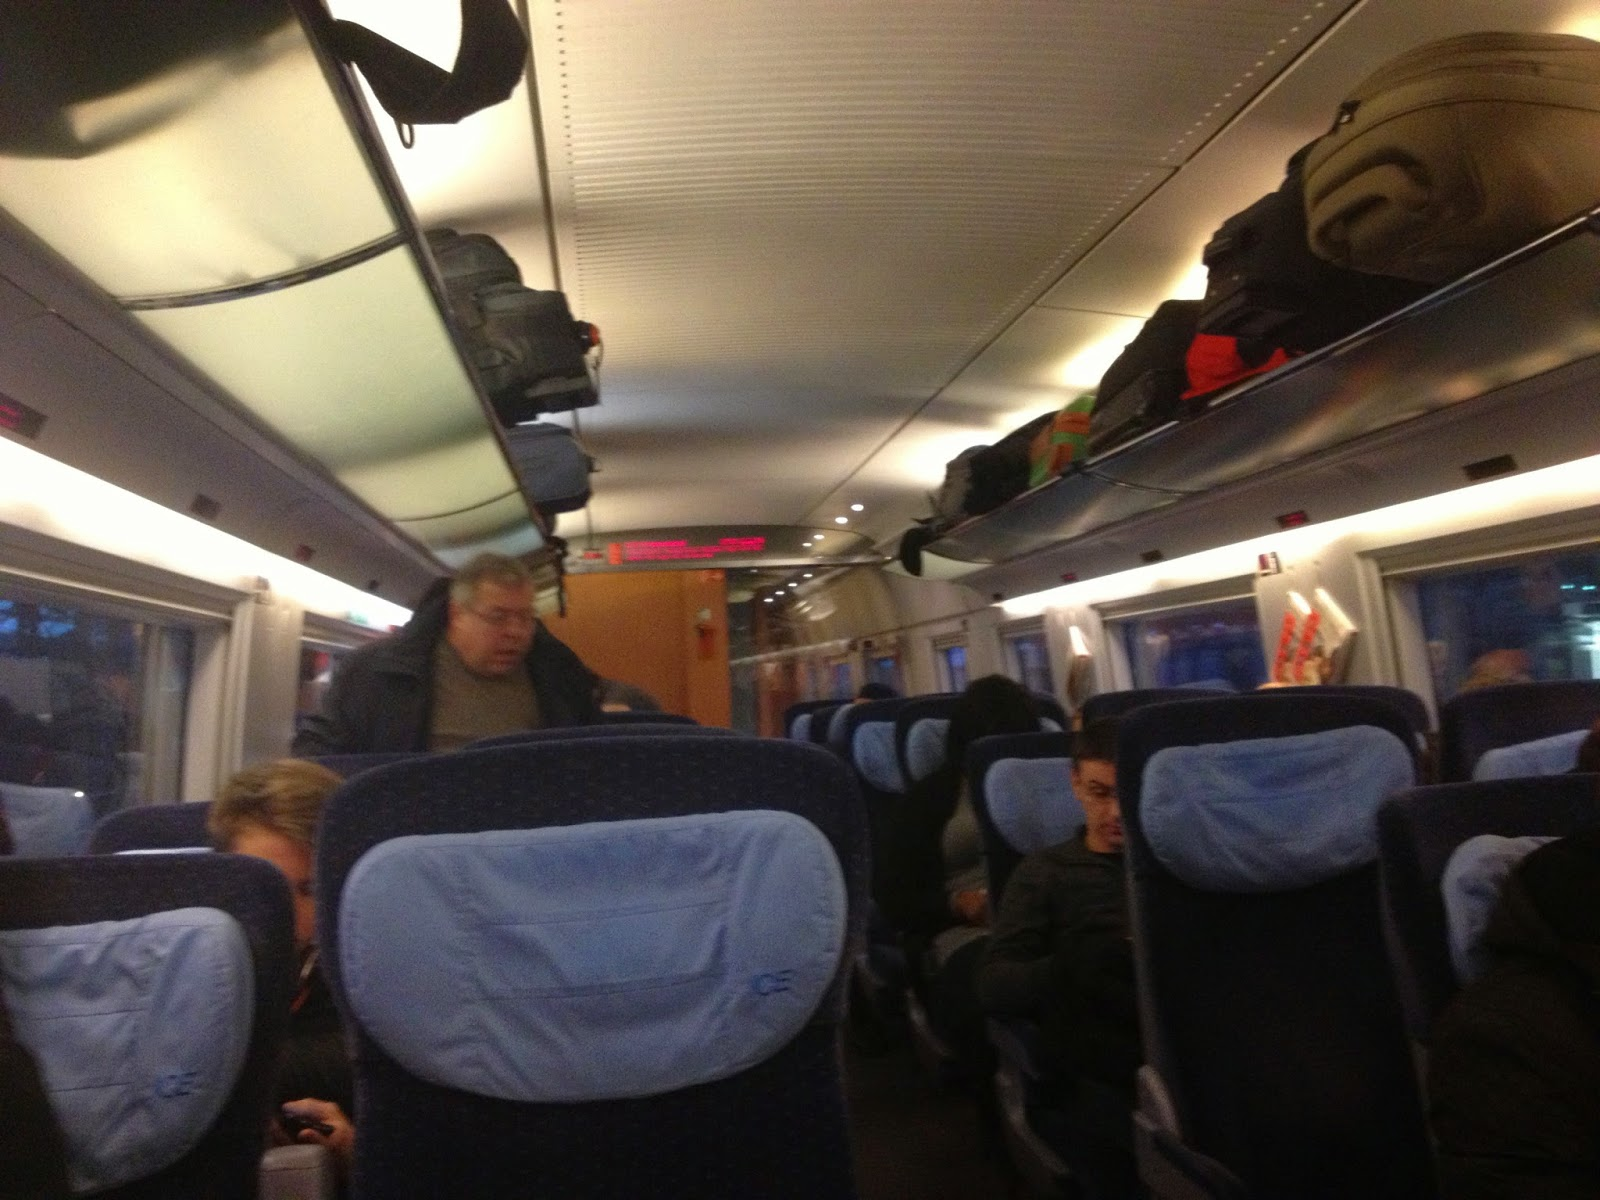 Европейский поезд. Второй класс.